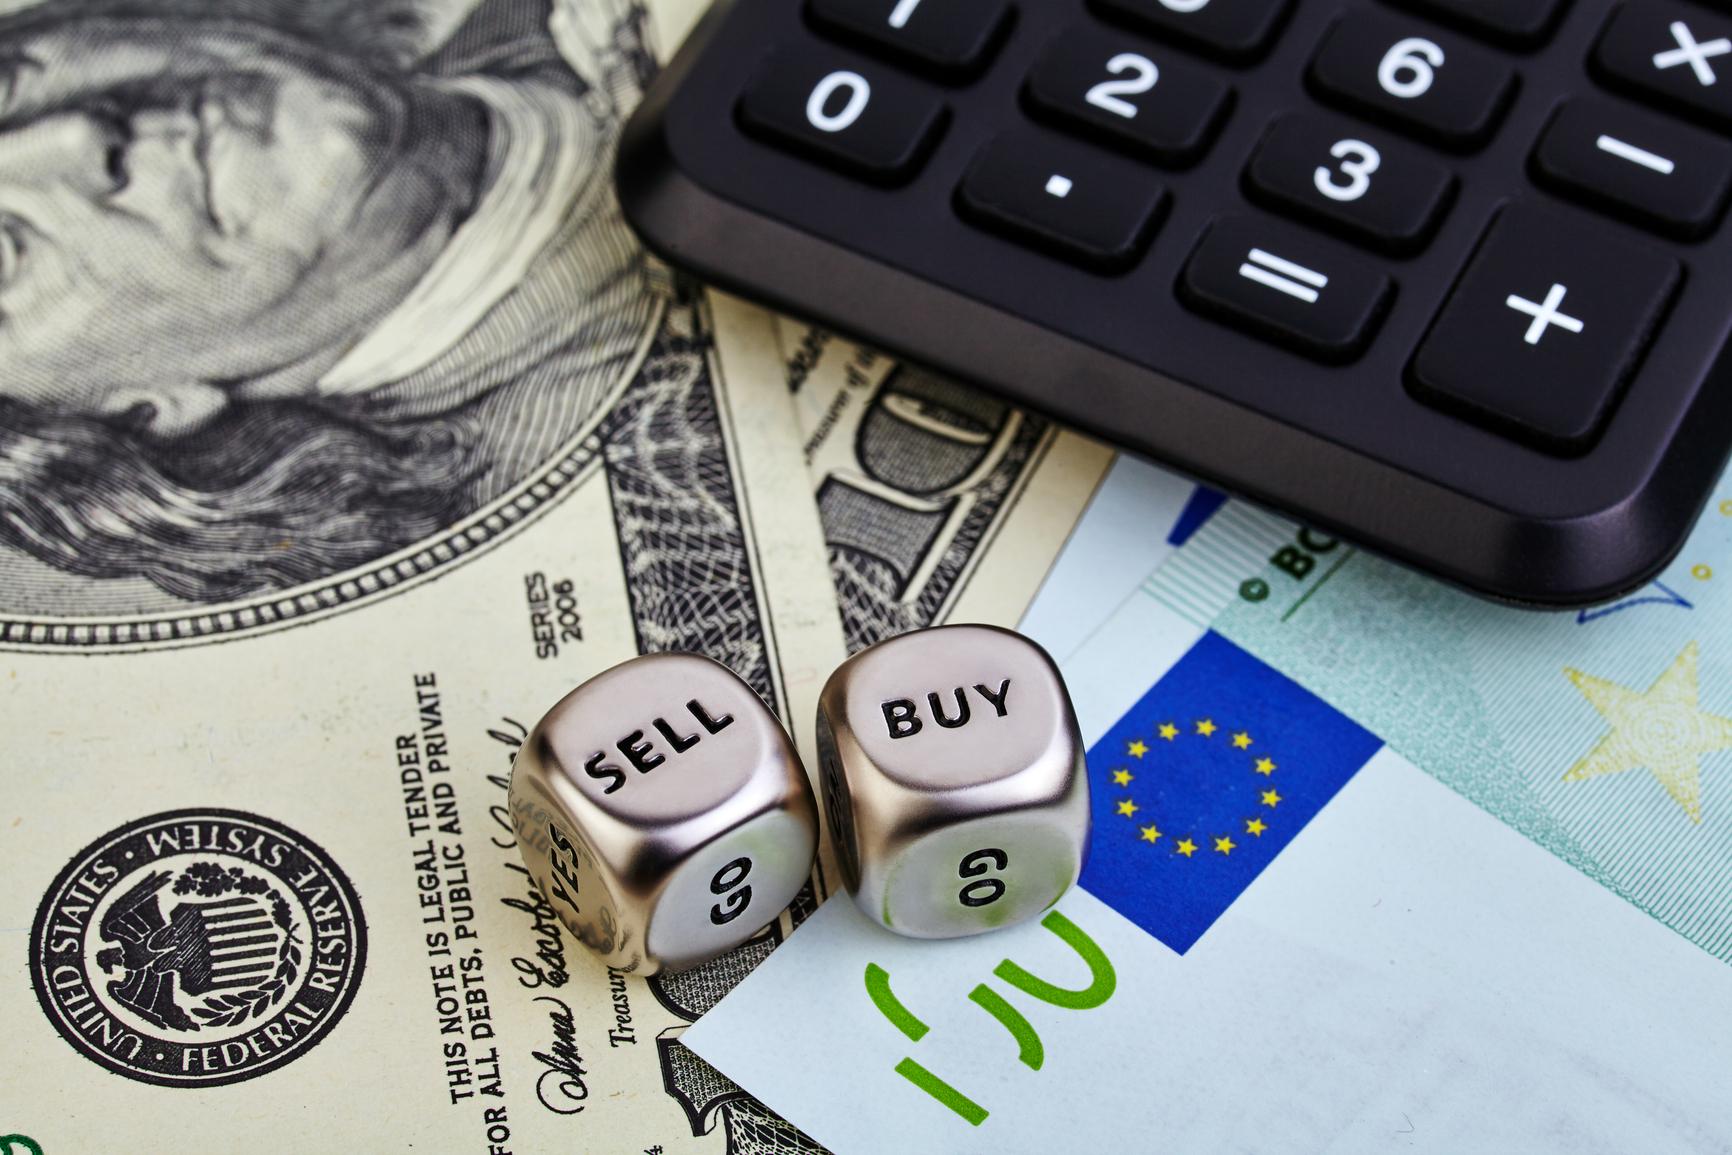 tranzacționarea opțiunilor binare este legală semnificația tranzacționării opțiunilor